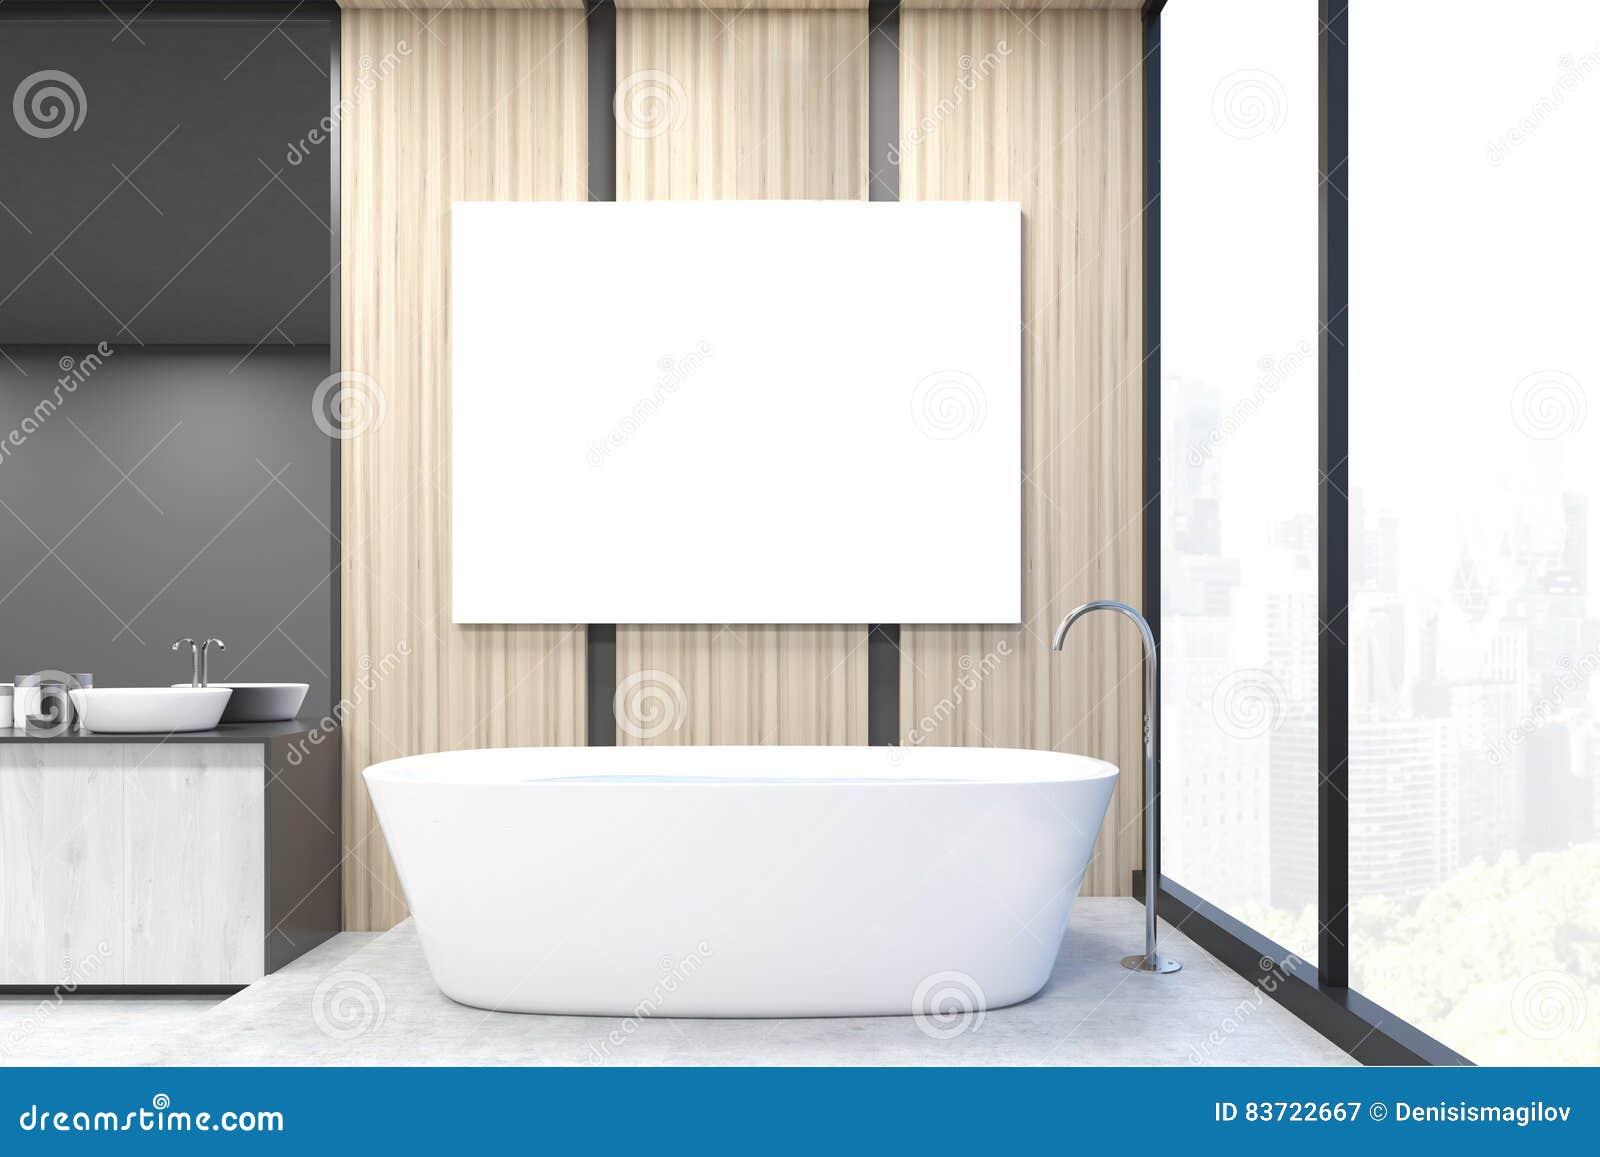 Salle De Bain Et Dressing Dans Chambre ~ Vue De Face De Coin De Salle De Bains Affiche Murs L Gers